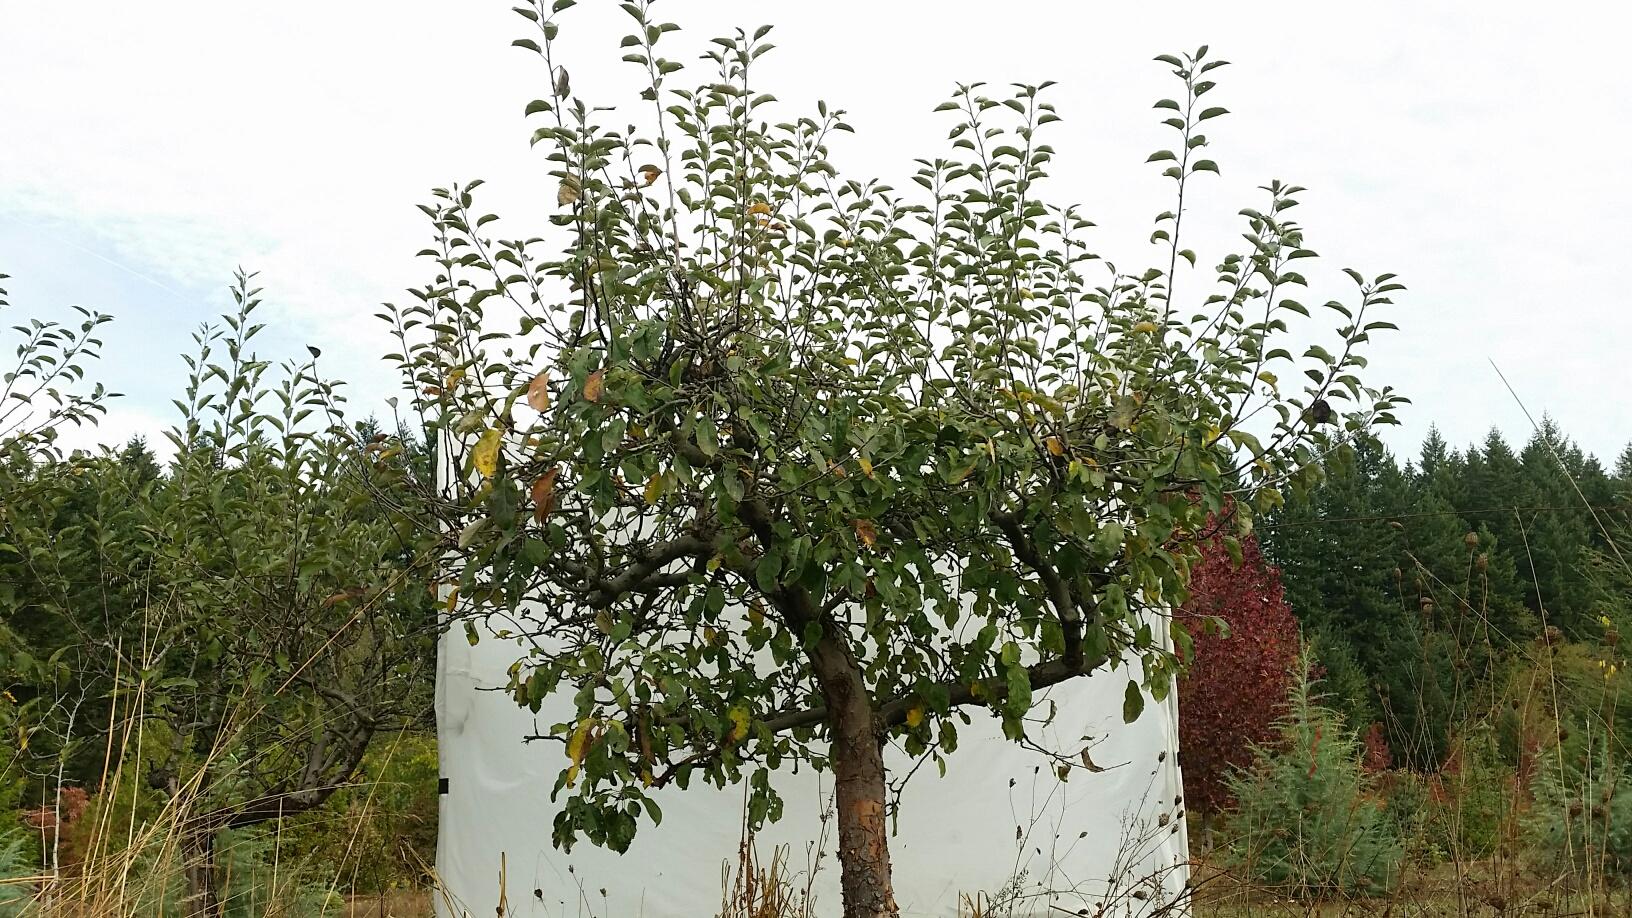 Apple- before pruning